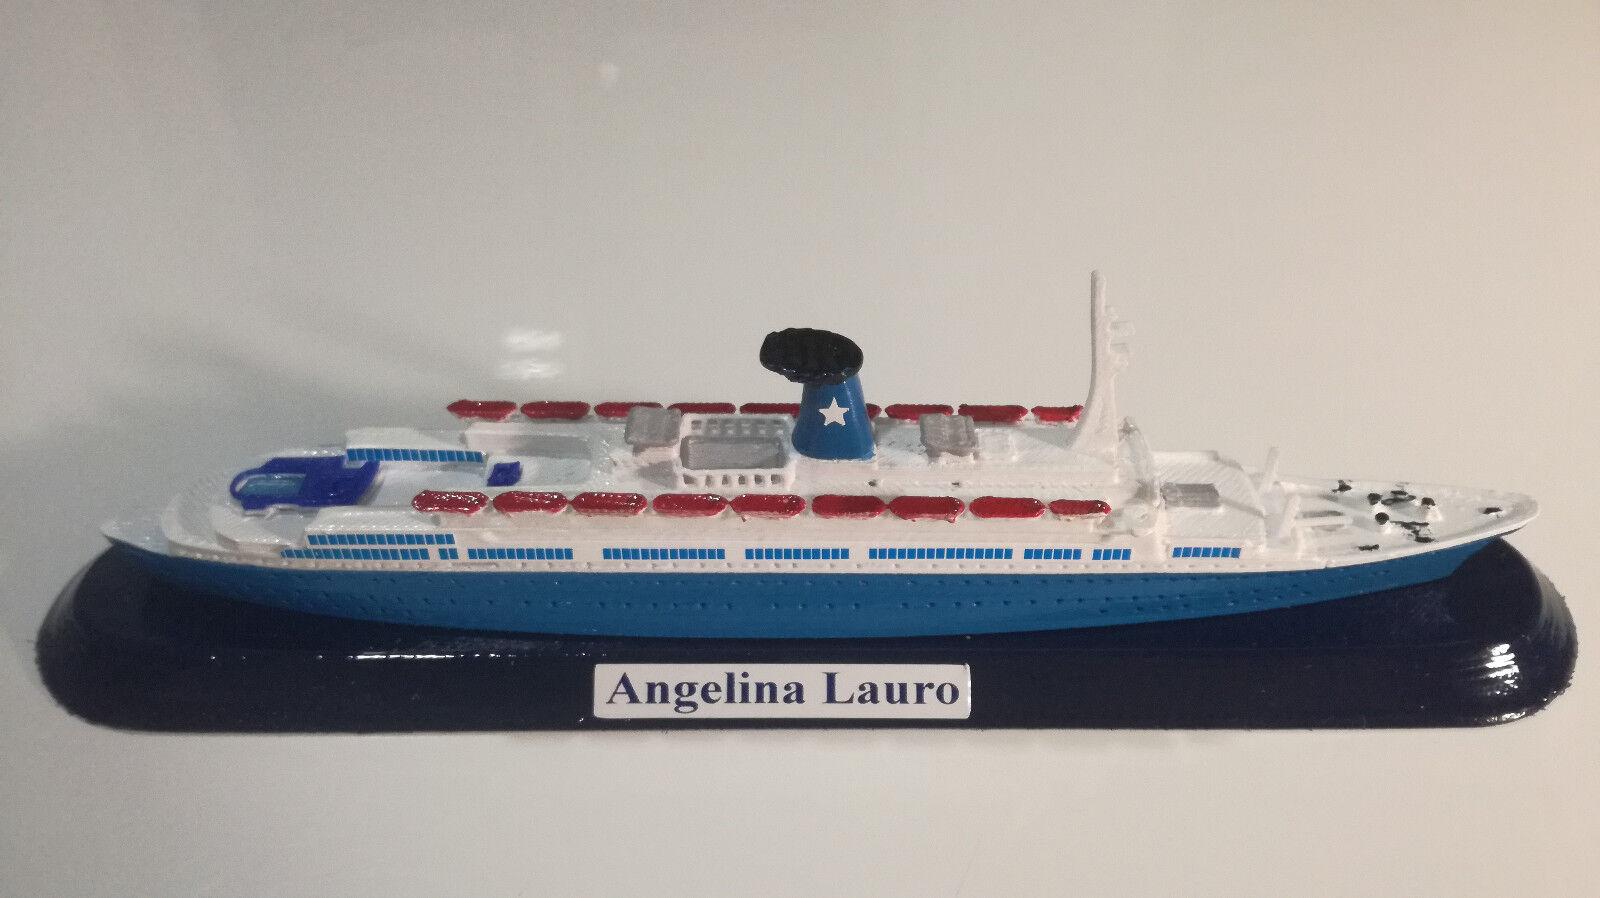 Angelina Lauro ex Oranje model ship Flotta Lauro scale 1 1250 Flotta Lauro